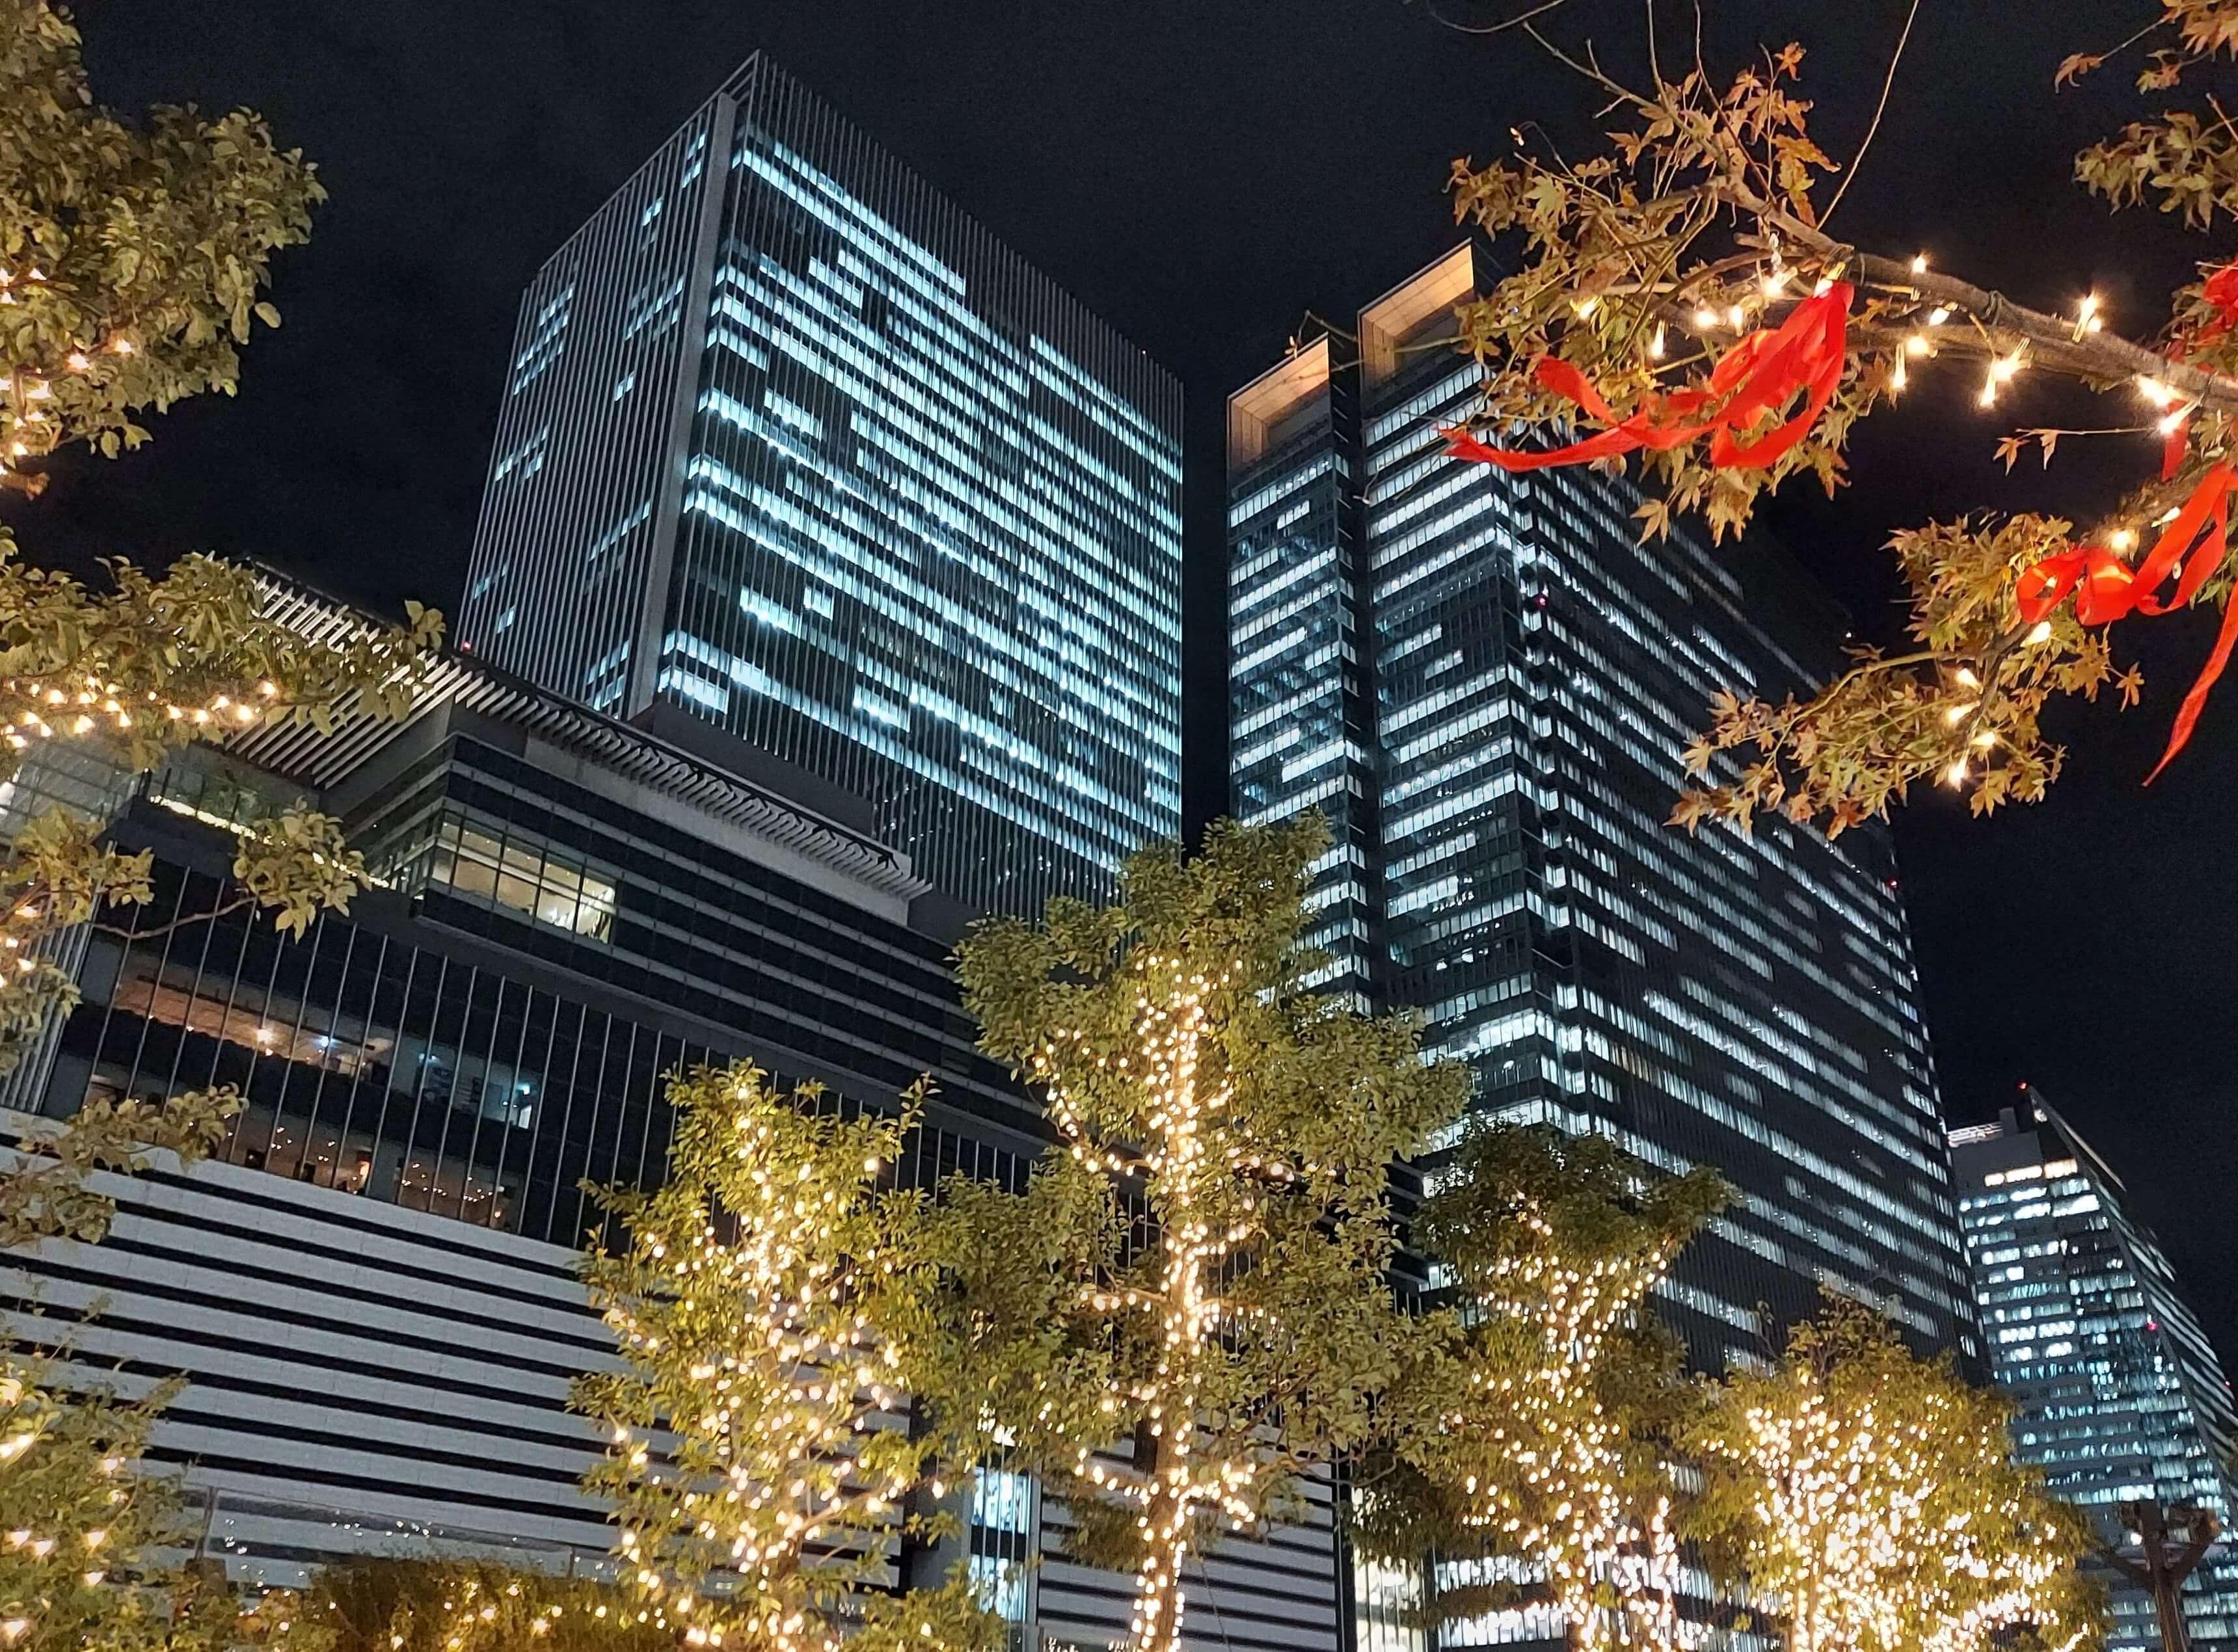 Galaxy A51 5Gの夜景写真1